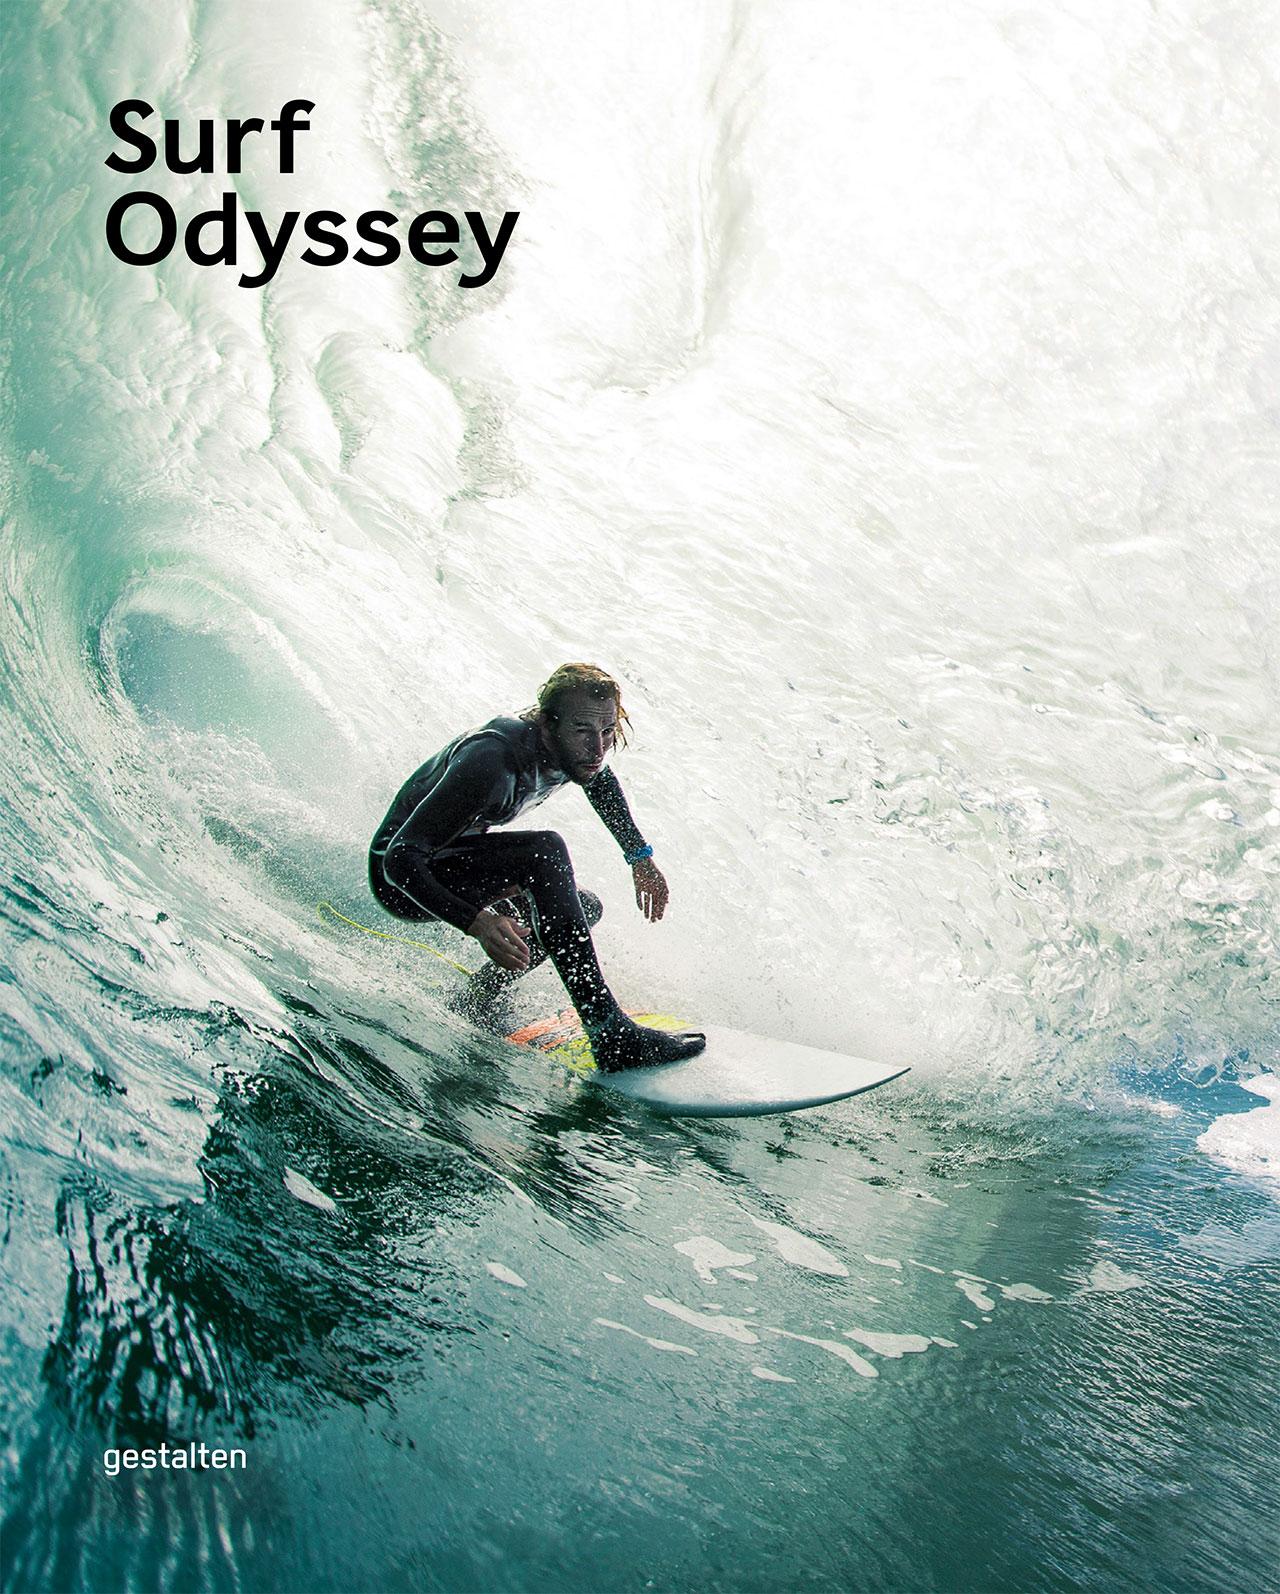 'Surf Odyssey'Book Cover©Gestalten2016.